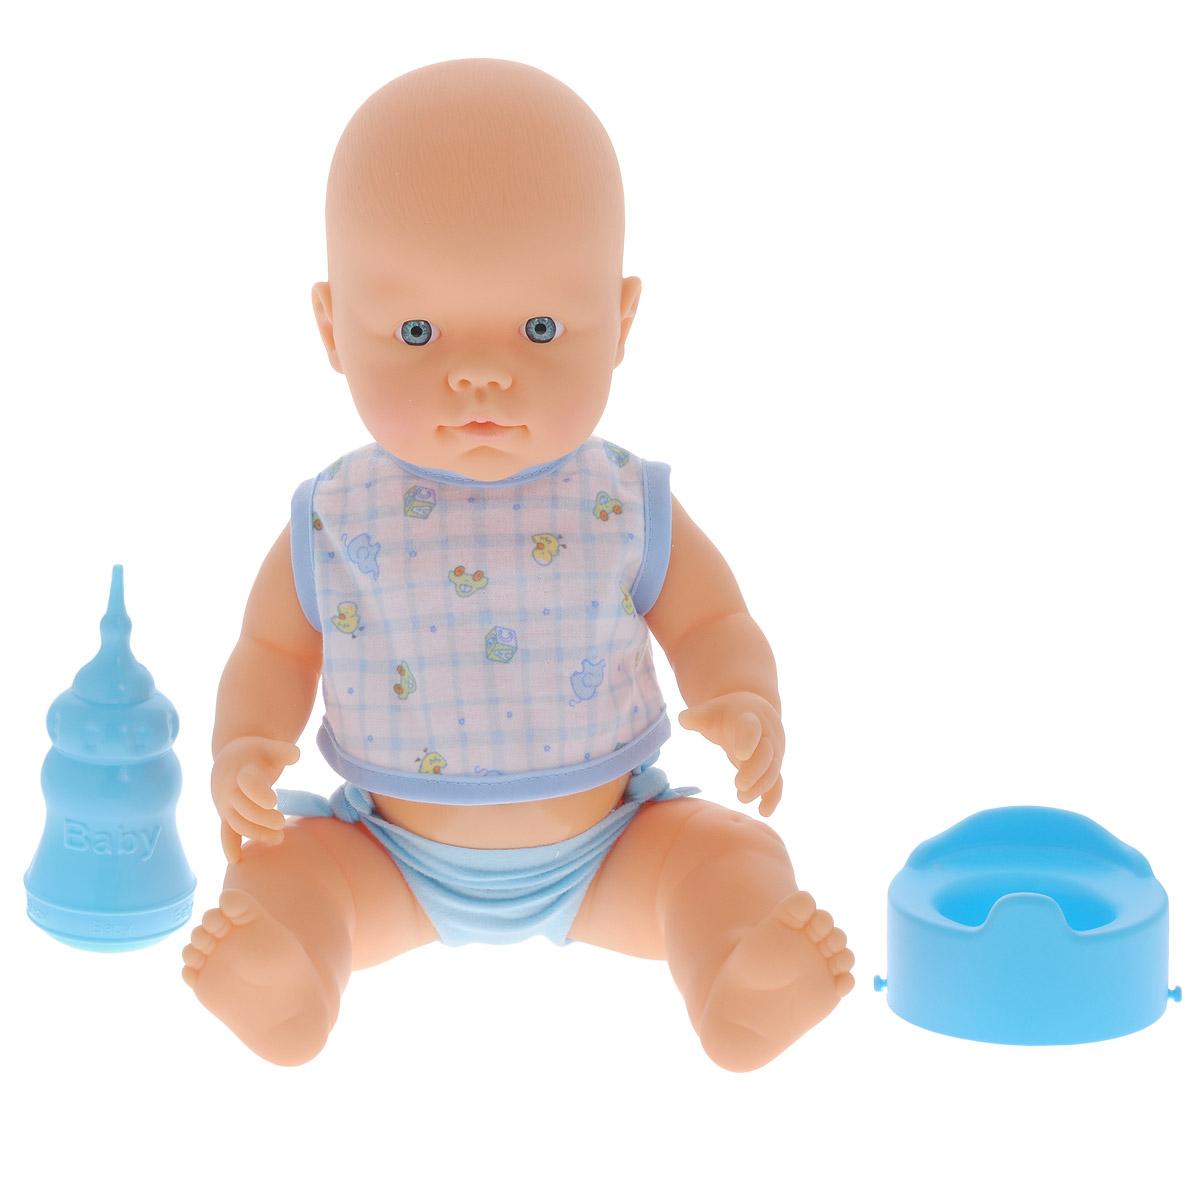 Кукла-пупс Falca Baby Pipi, с аксессуарами, цвет: голубой, белый, 40 см39525/39007_гол_гол_горшокКукла-пупс Falca Baby Pipi порадует вашу малышку и доставит ей много удовольствия от часов, посвященных игре с ней. Кукла выглядит как настоящий малыш. Пупс одет в майку на липучке и трусики. В набор также входят бутылочка для кормления и горшок. Кукла не только пьет водичку из бутылочки, но и писает в горшок, чем еще более похожа на настоящего ребенка. После кормления и туалета пупса можно искупать. Игра с куклой разовьет в вашей малышке чувство ответственности и заботы. Порадуйте свою принцессу таким великолепным подарком!